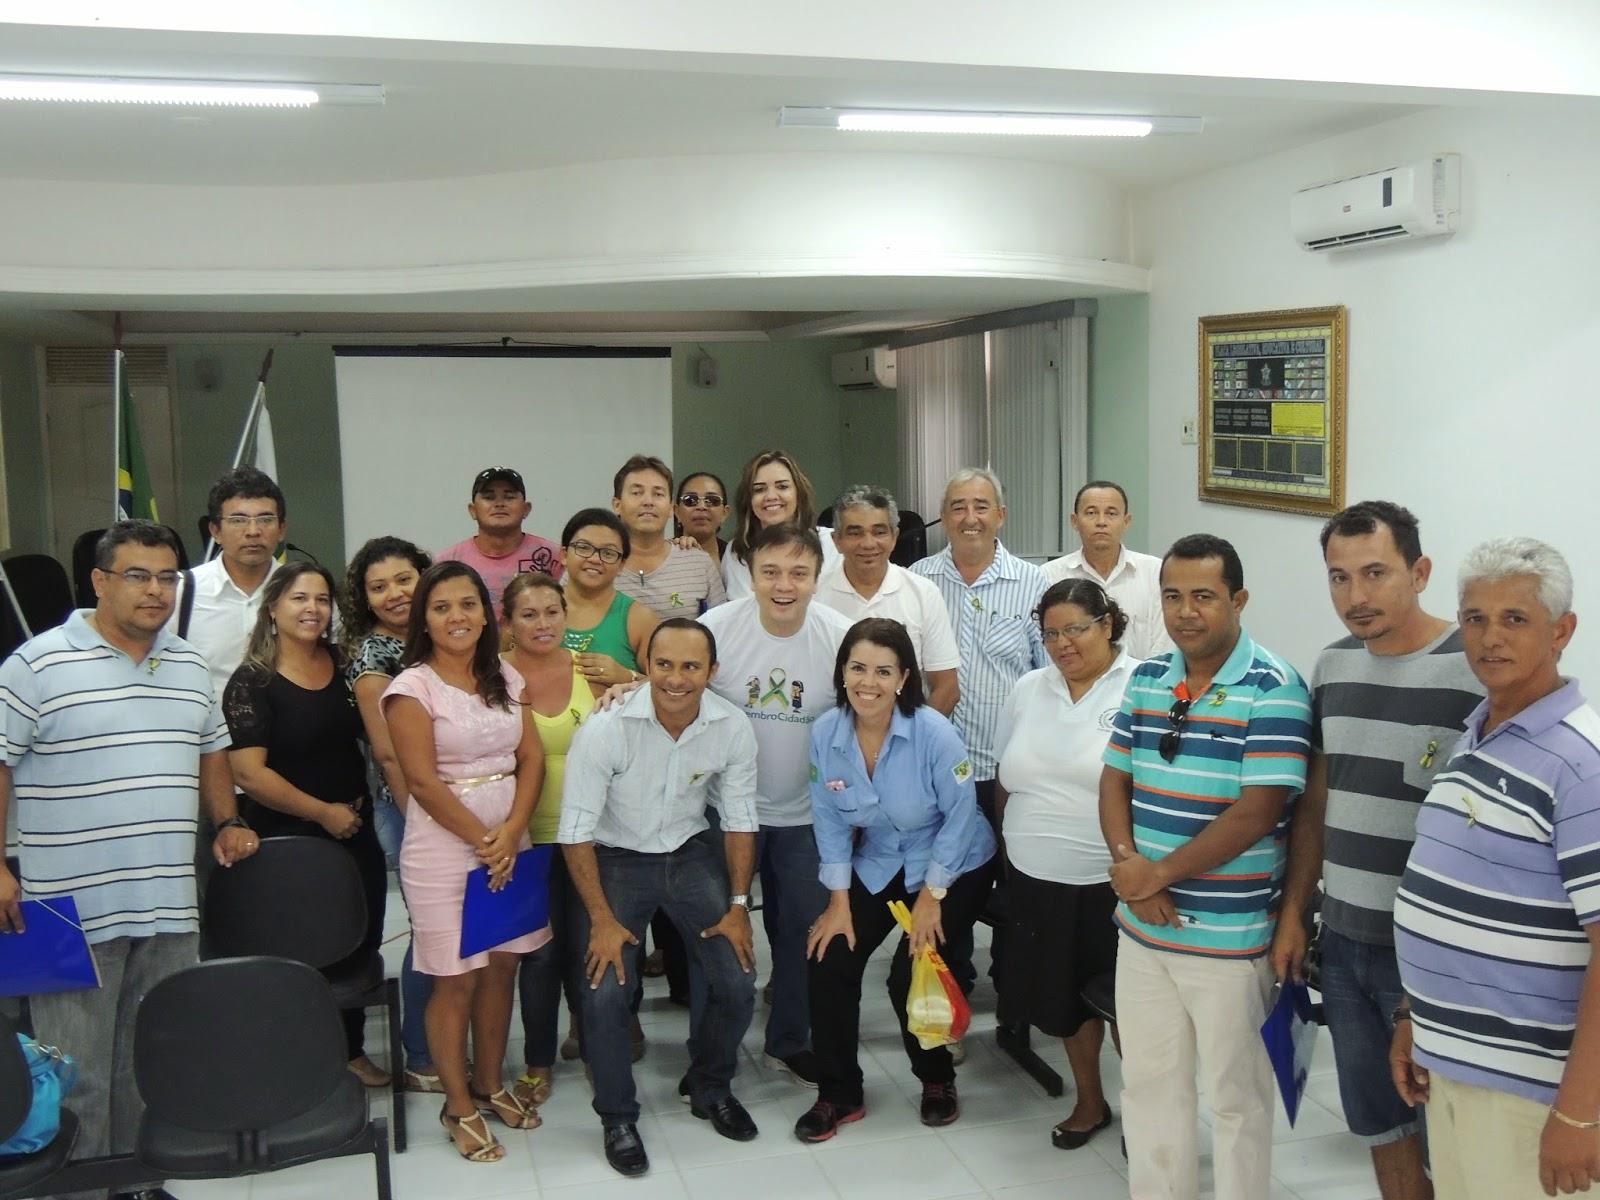 Galinhos celebra Setembro Cidadão com apresentações sobre cidadania.